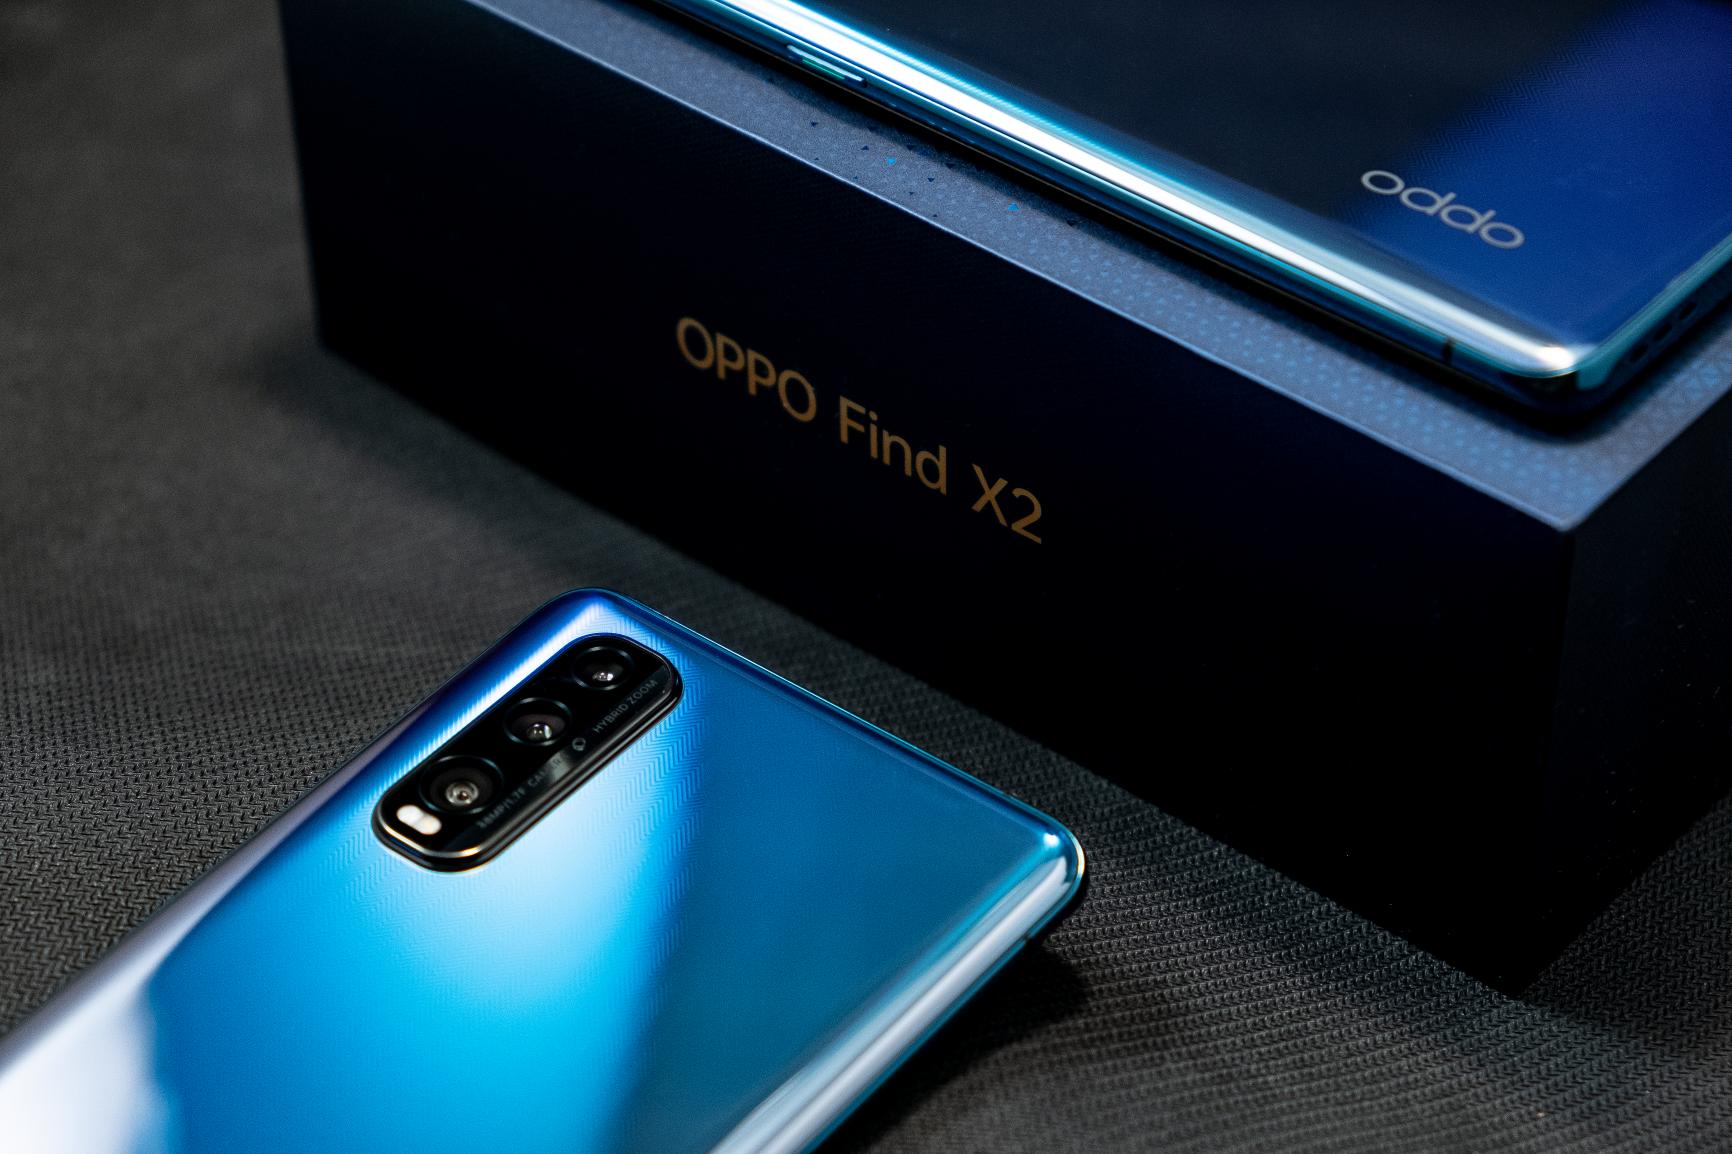 5 công nghệ hay ho này trên OPPO Find X2 có đủ làm bạn hài lòng? - Ảnh 3.